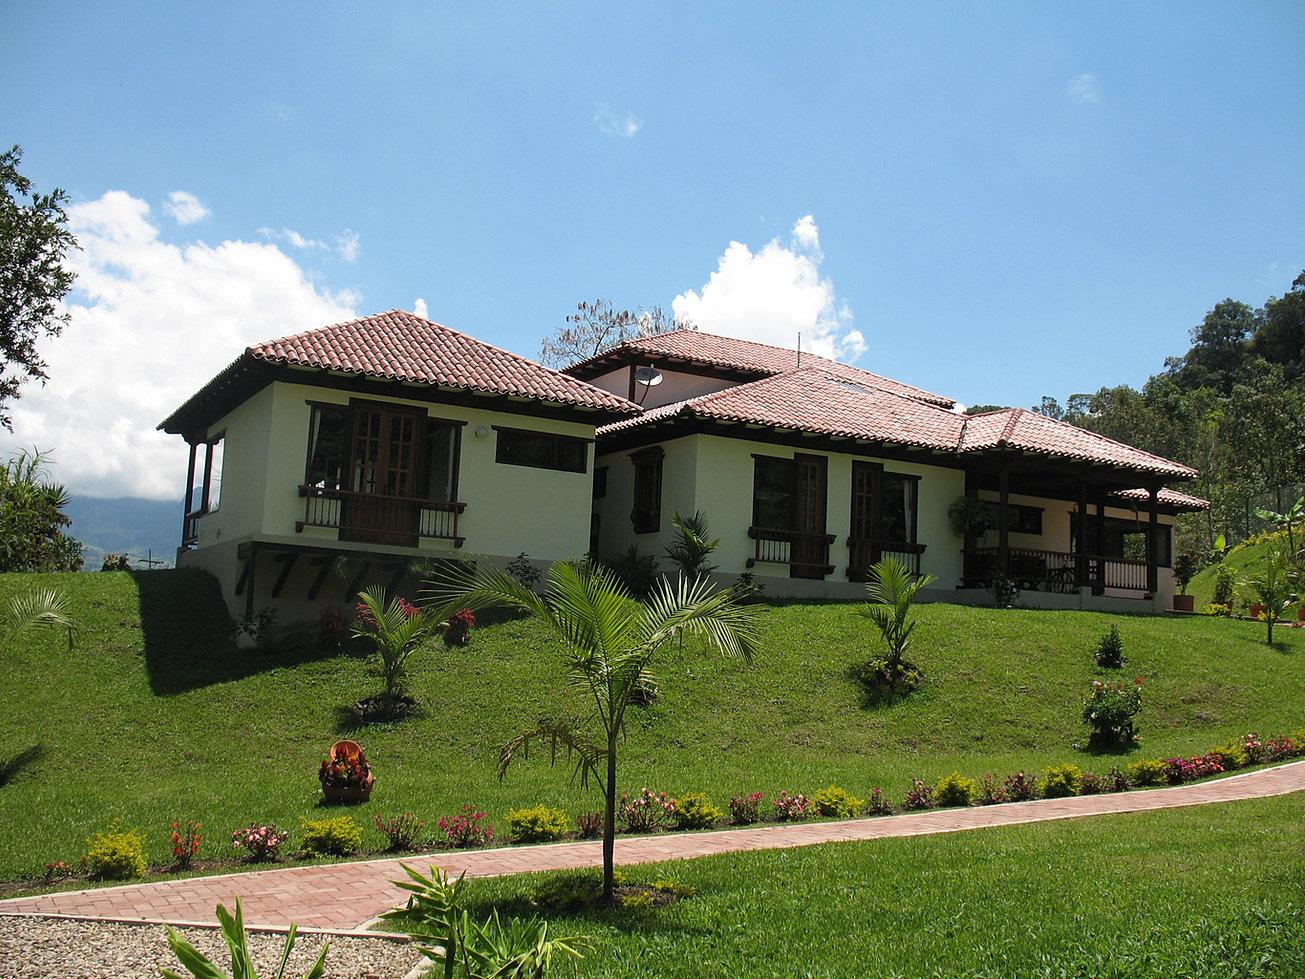 Casas campestres construccion personalizada - Quiero ver casas prefabricadas ...